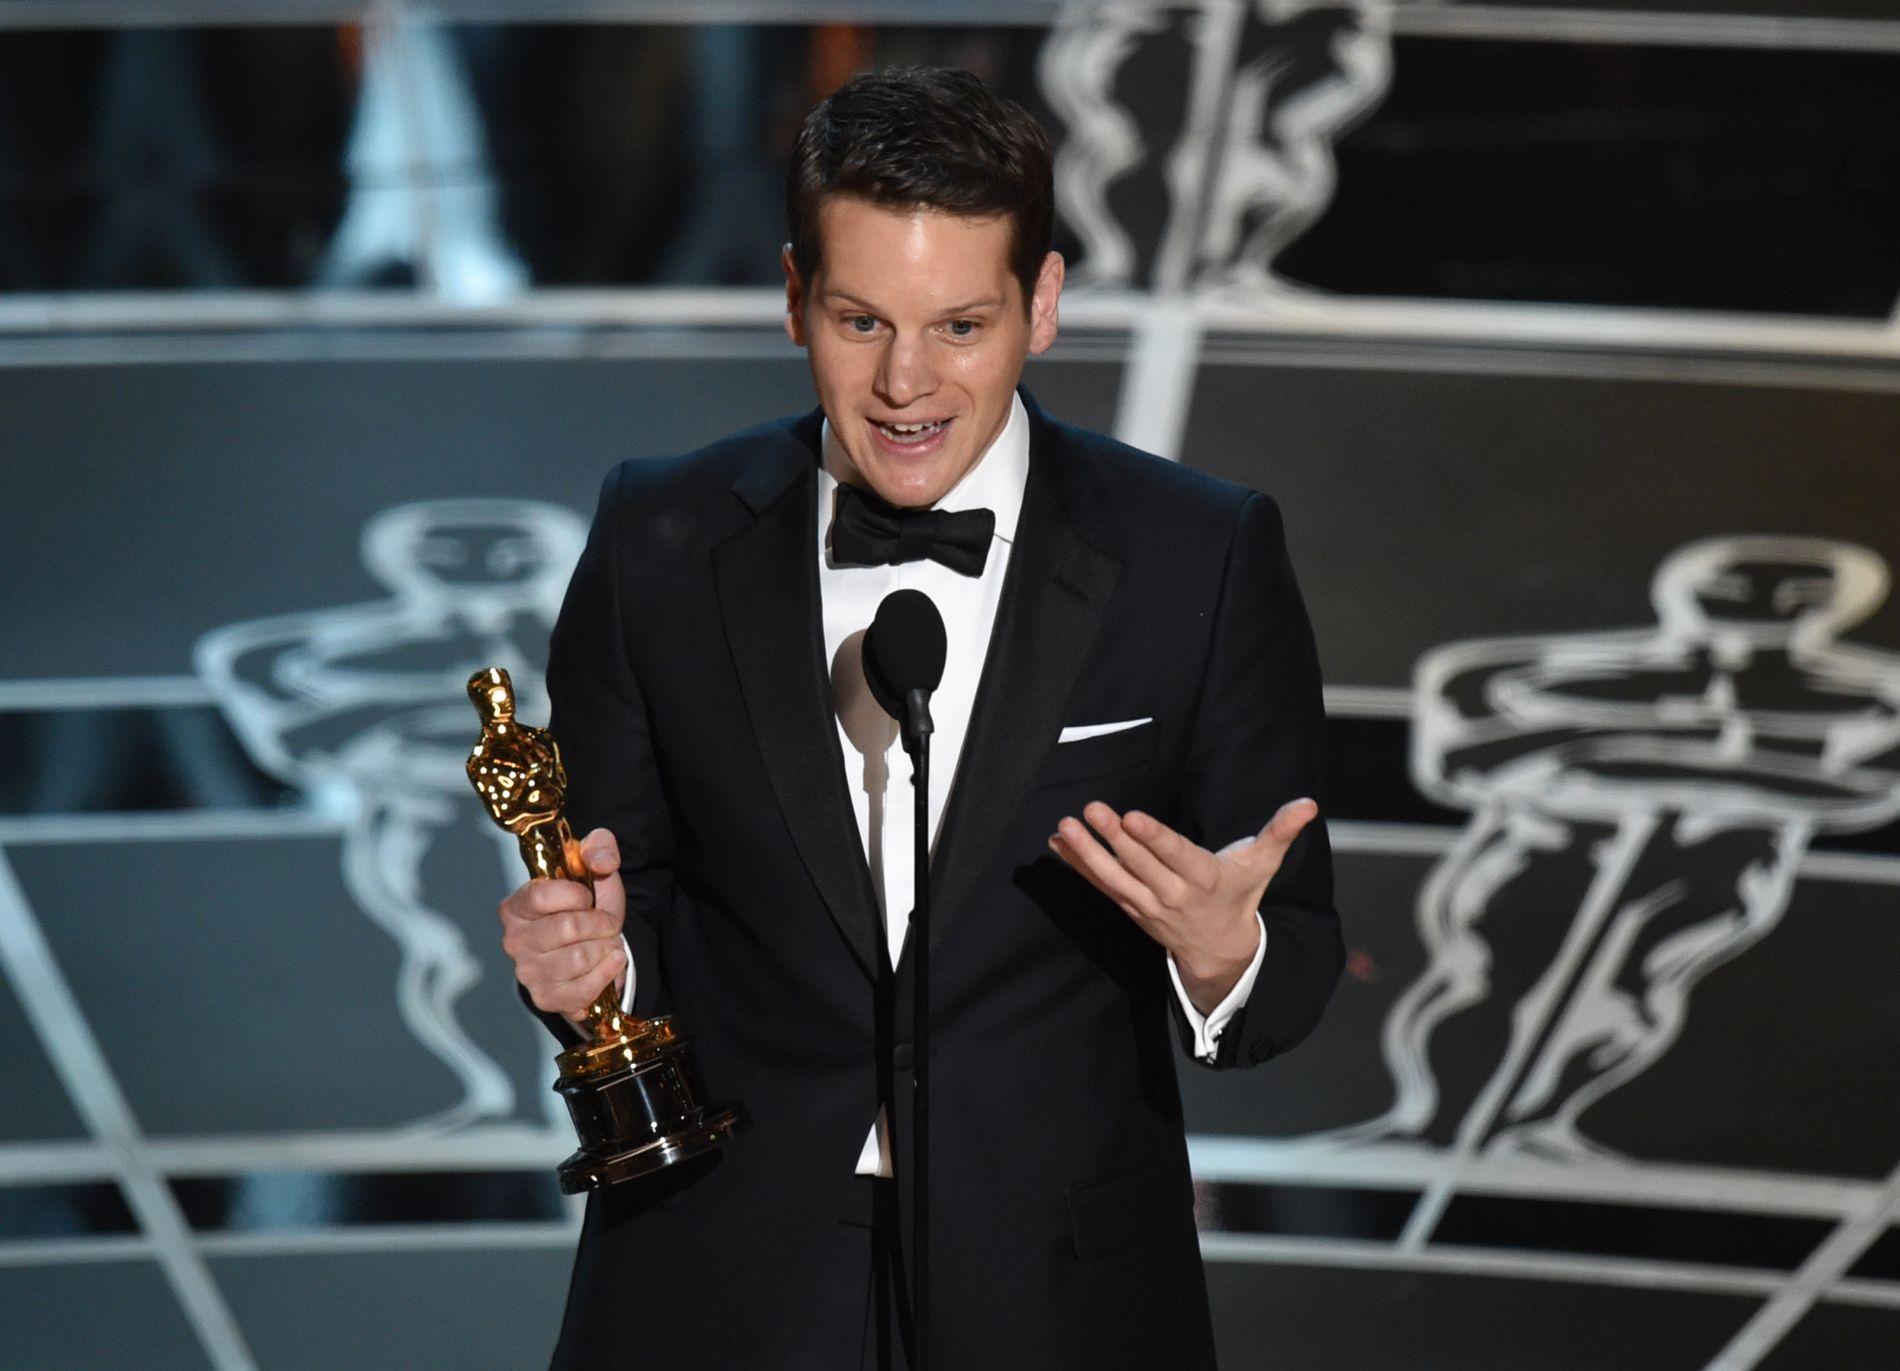 HYLLET FOR TAKKETALEN: Graham Moore, som har skrevet manus til «The Imitation Game», holdt en rørende takketale da han tok imot Oscar-statuetten natt til mandag norsk tid.